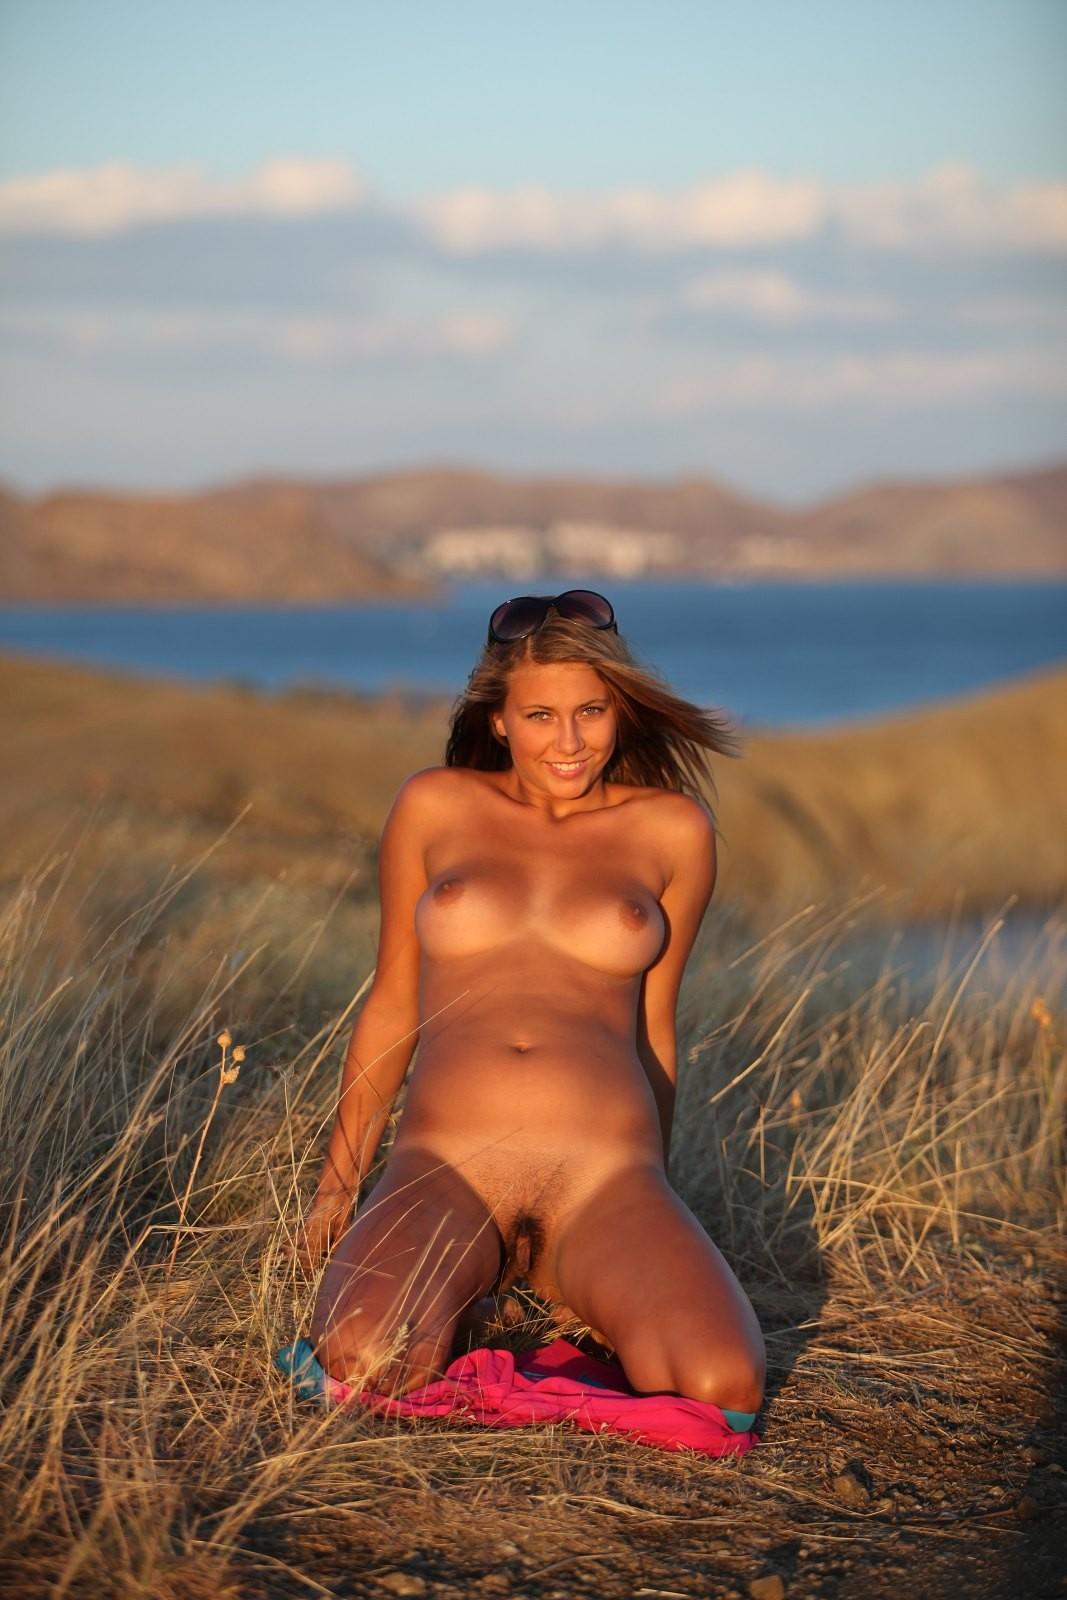 Красотка с красивой грудью на природе - фото